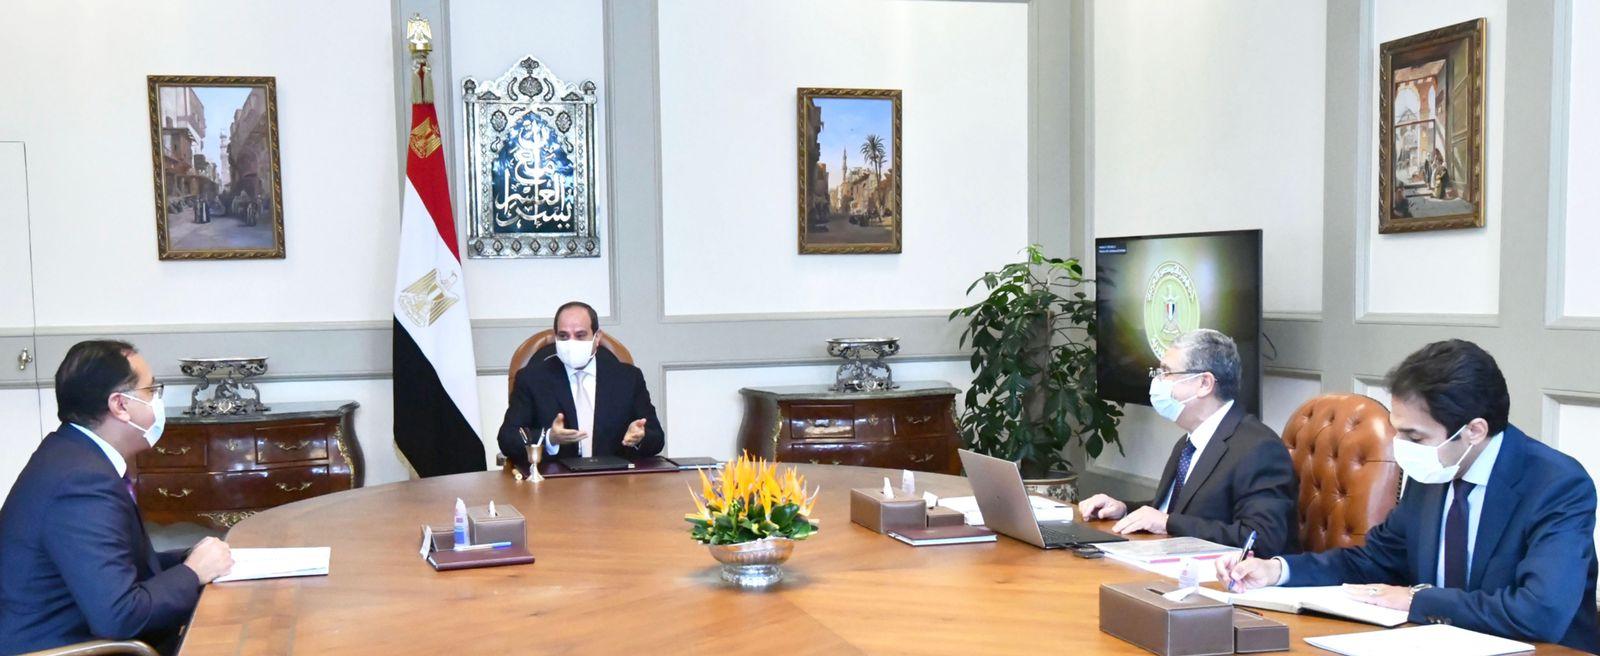 الرئيس السيسي يوجه بالاستمرار في الخطط الوطنية الخاصة بتعزيز مكون الطاقة المتجددة